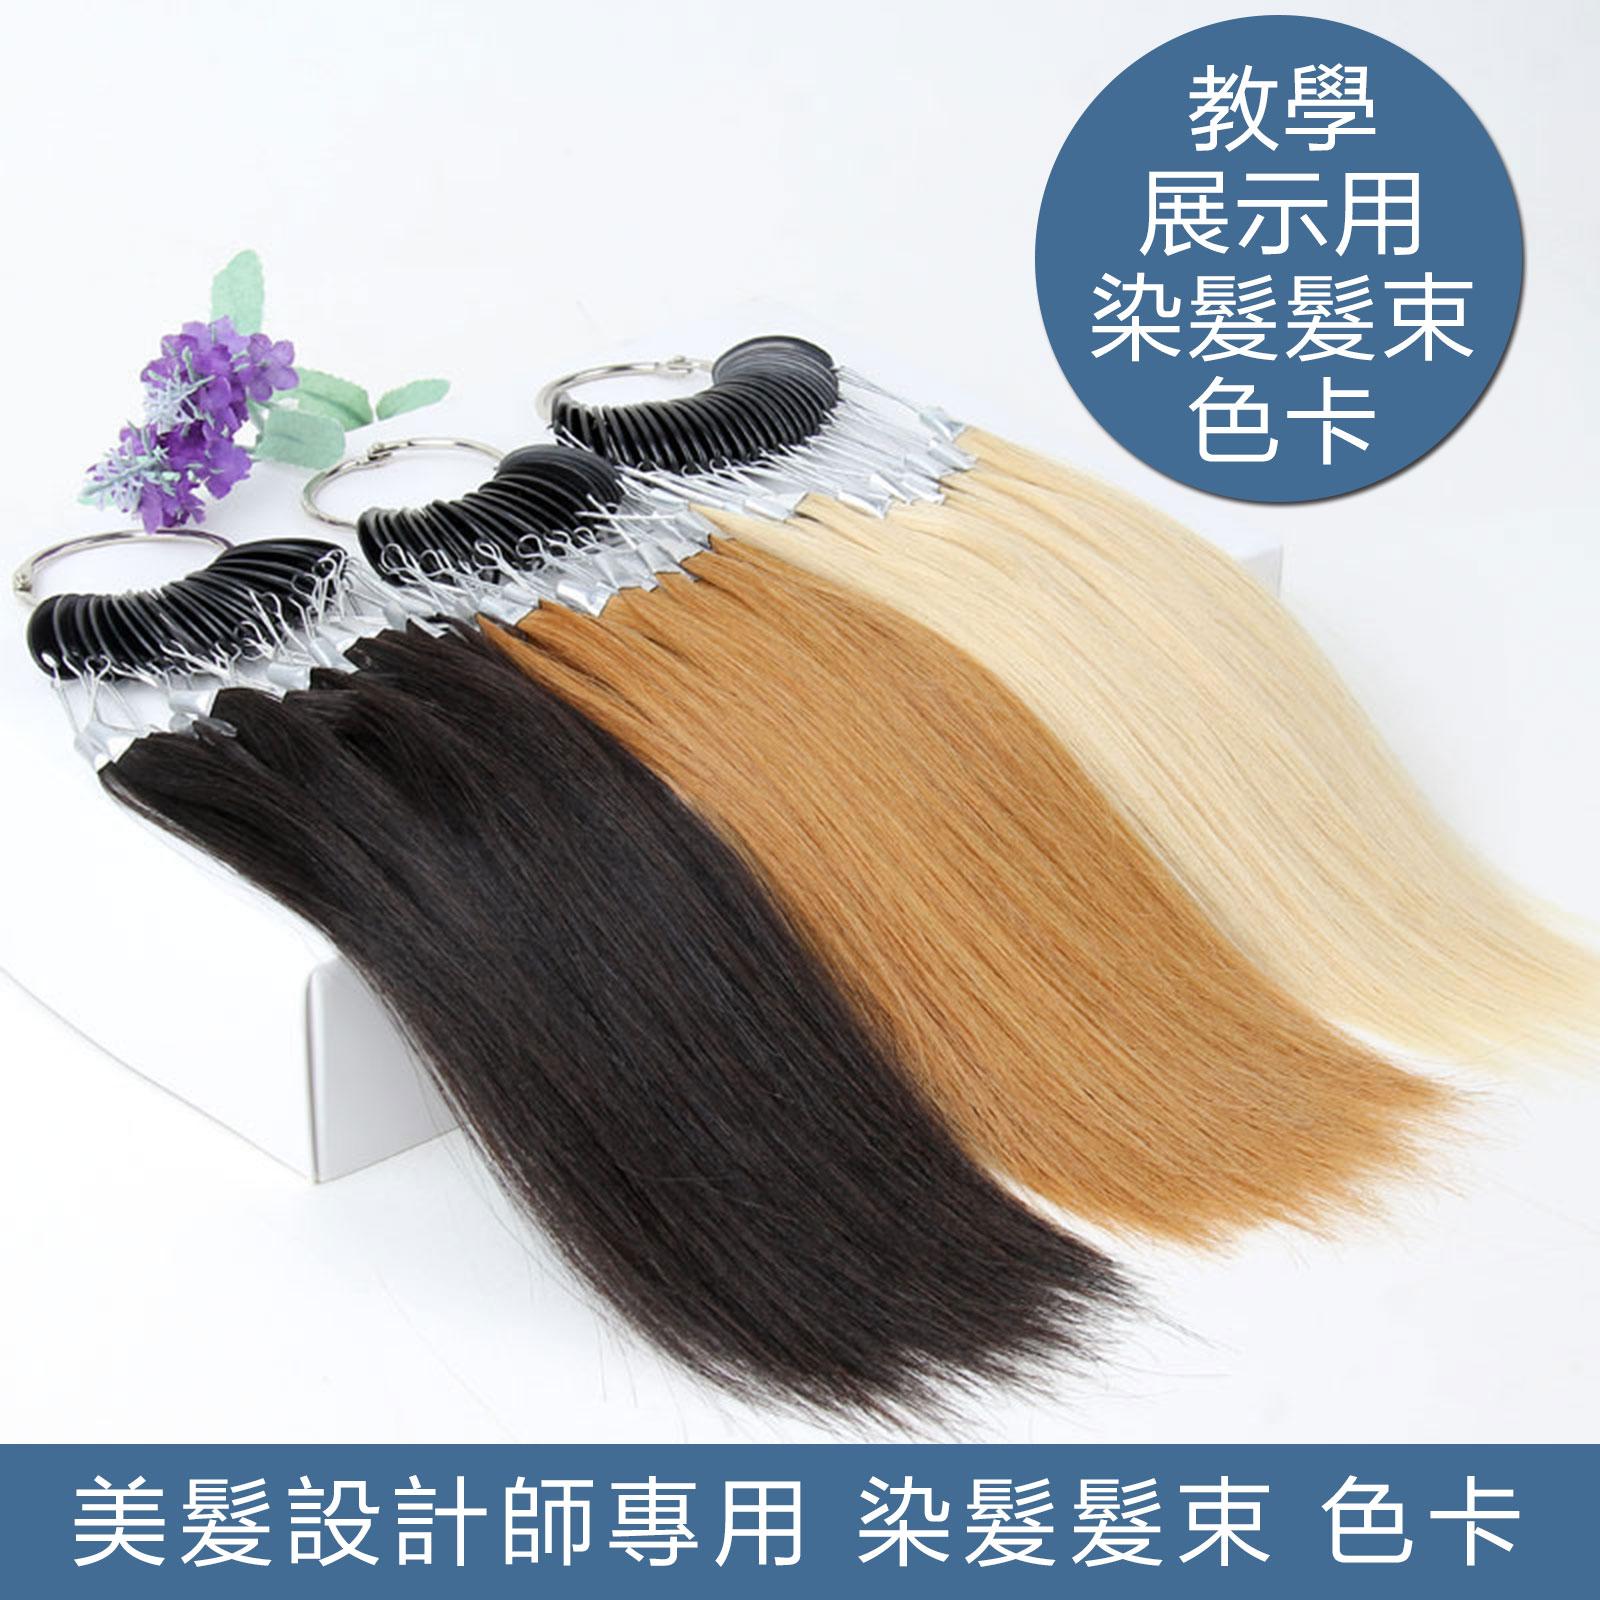 美髮設計師 髮廊專用 100%真髮 染髮髮束 燙染漂接髮束 練習色卡色版【KH99】☆雙兒網☆